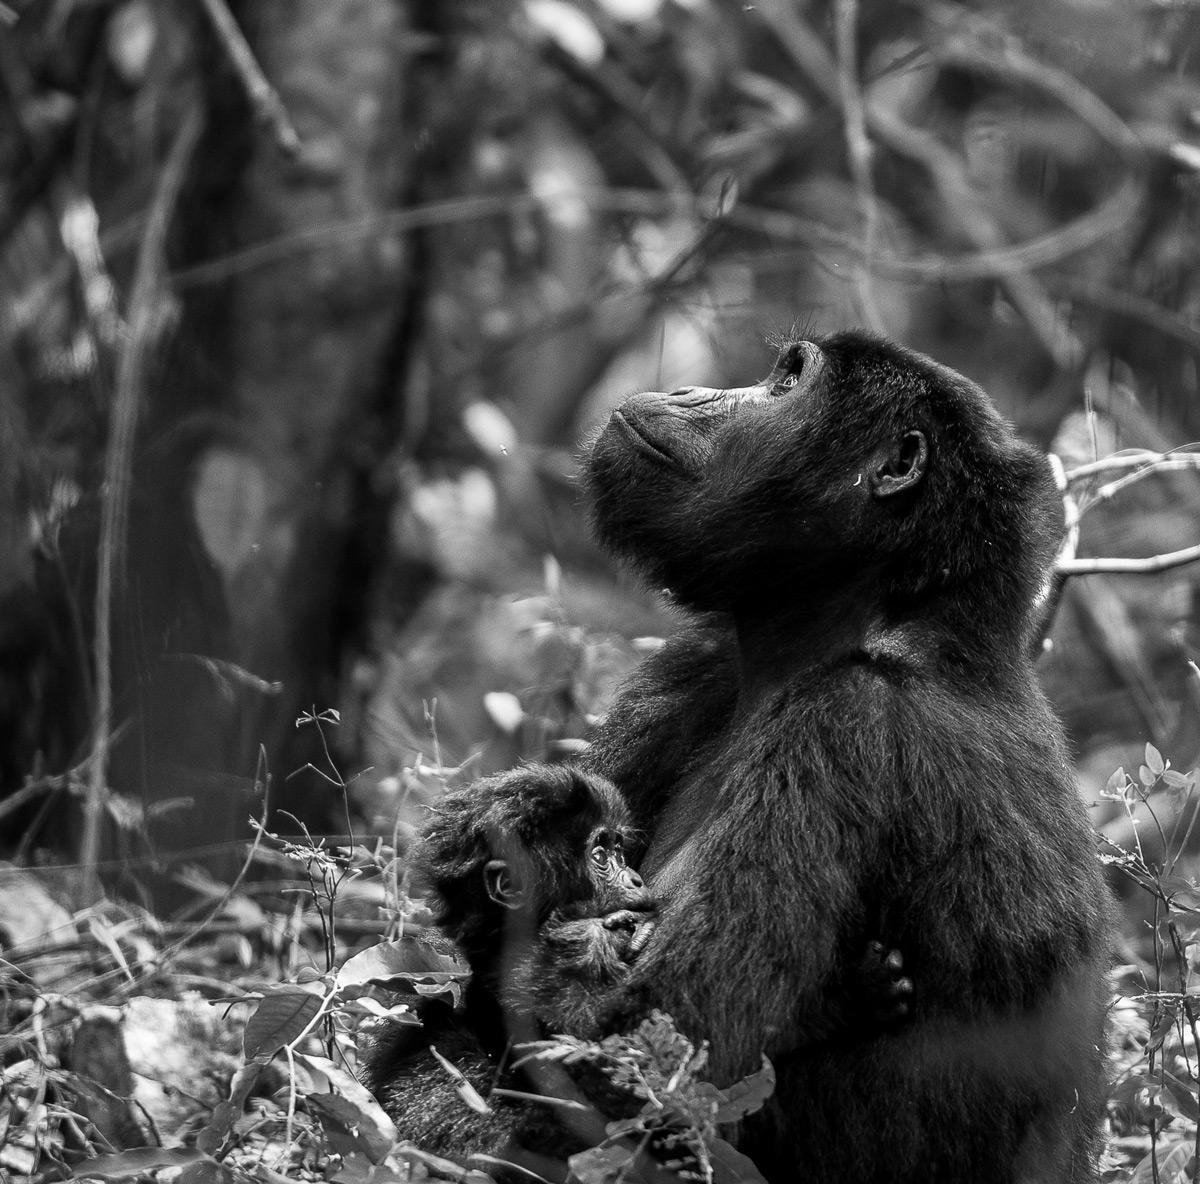 'A moment of thought' – Bwindi Impenetrable National Park, Uganda © Dalida Innes